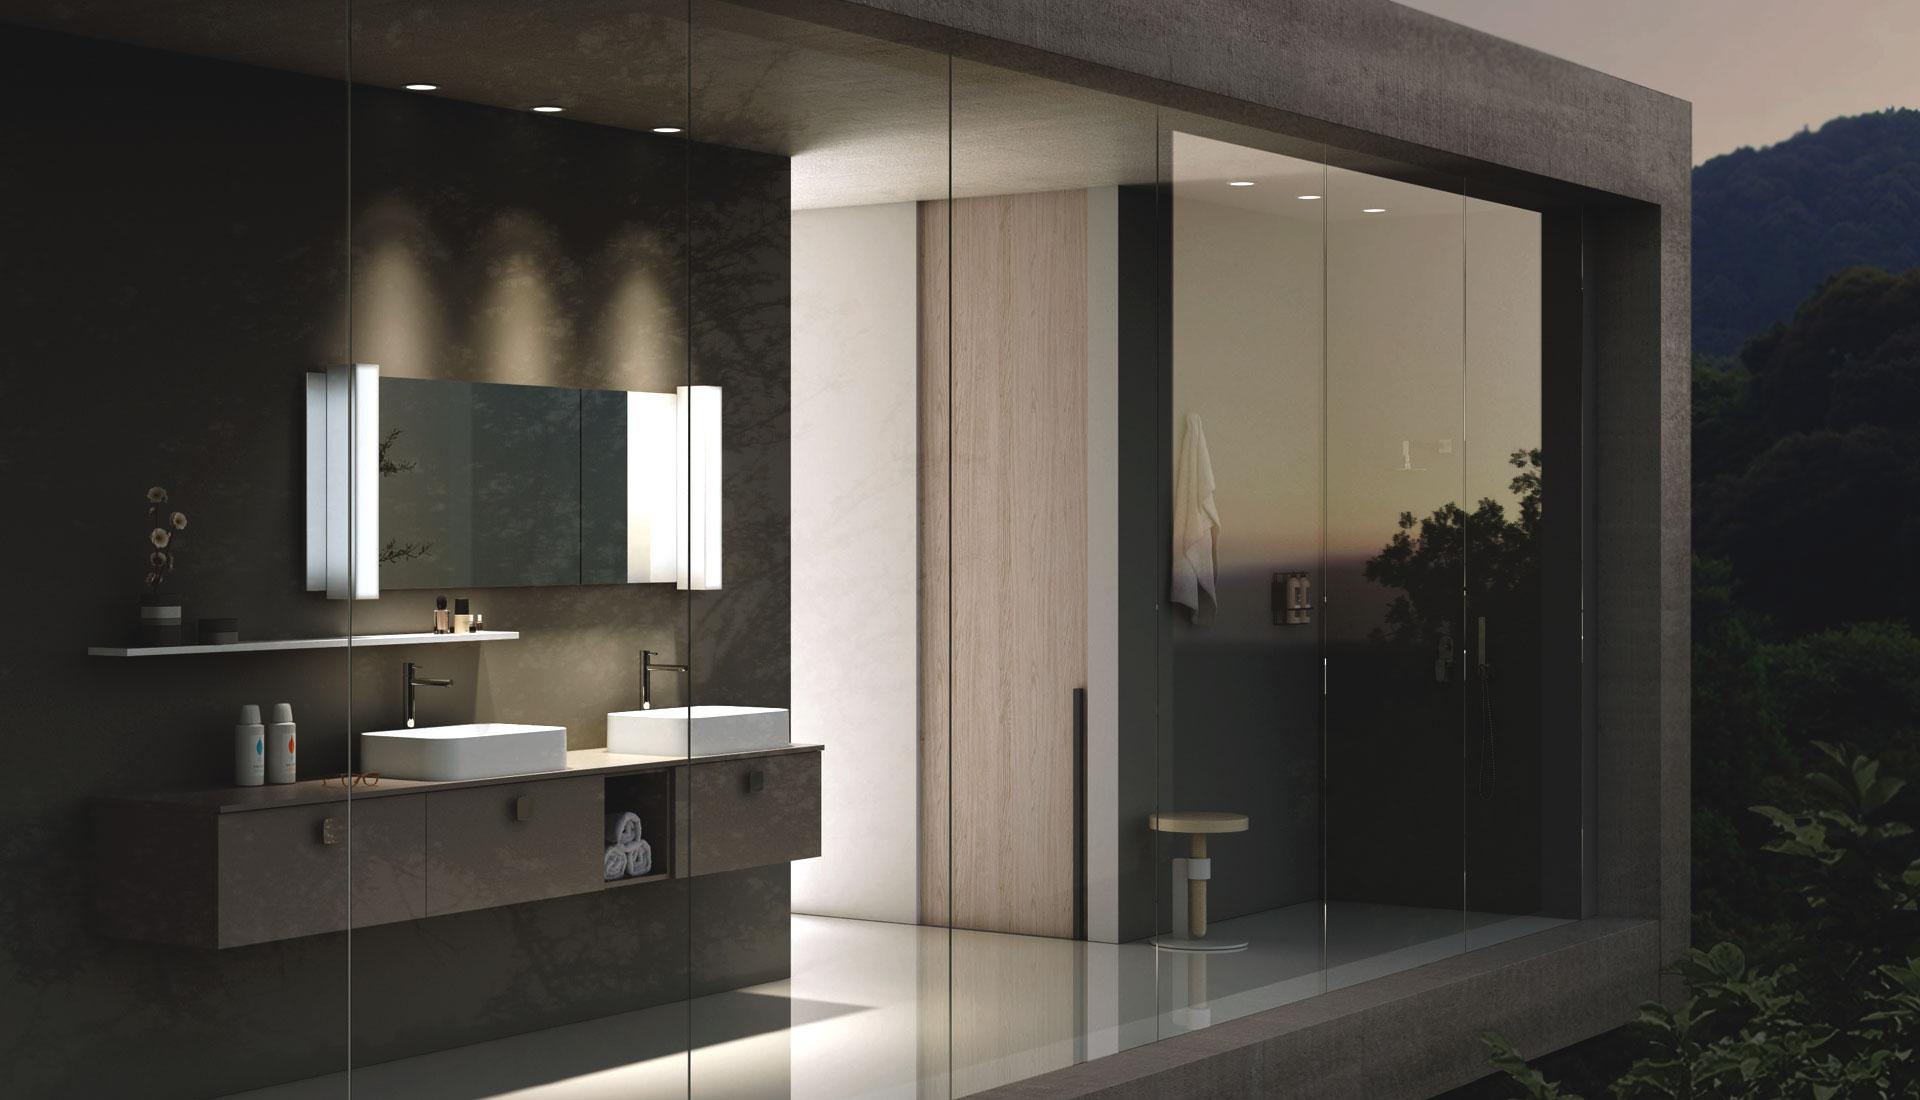 arredi per bagno nuovi in offerta | sweetwaterrescue - Tft Arredo Bagno Prezzi